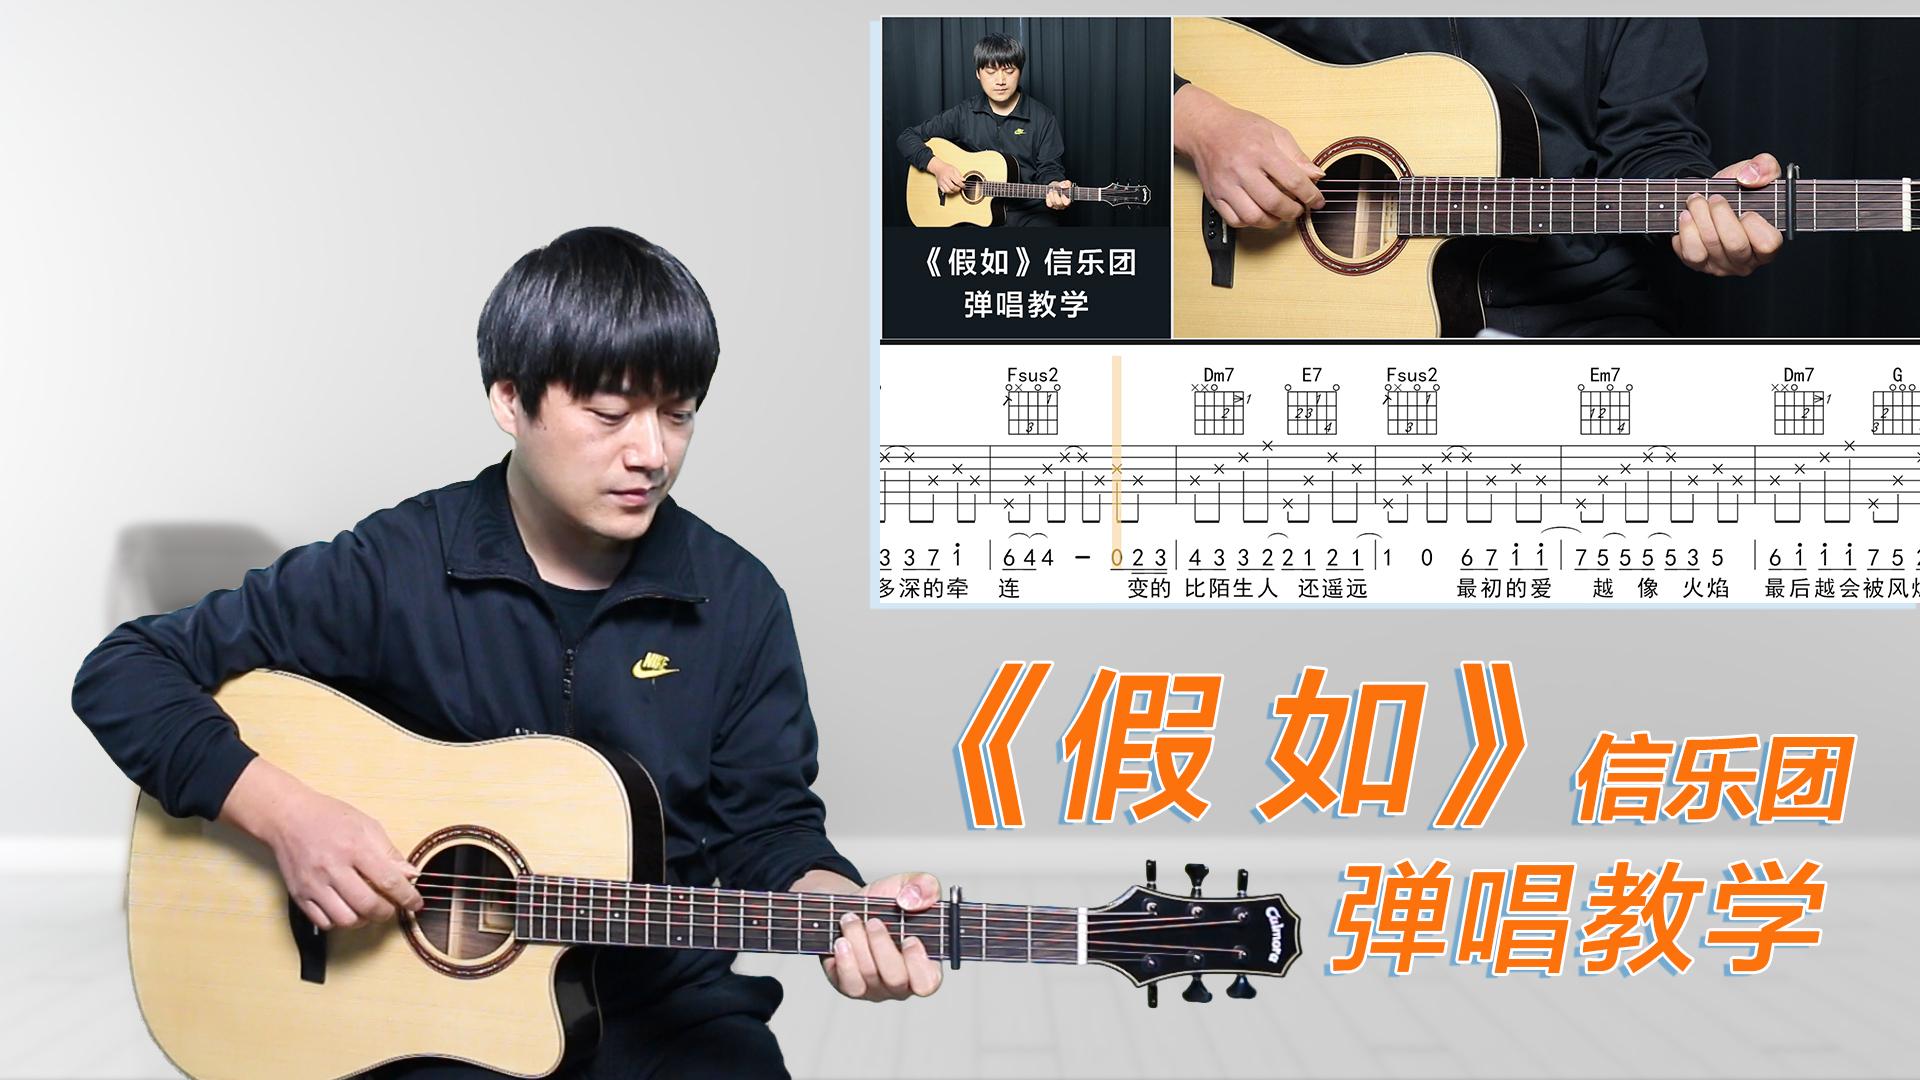 吉他弹唱演示及教学《假如》信乐团 酷音小伟吉他弹唱教学